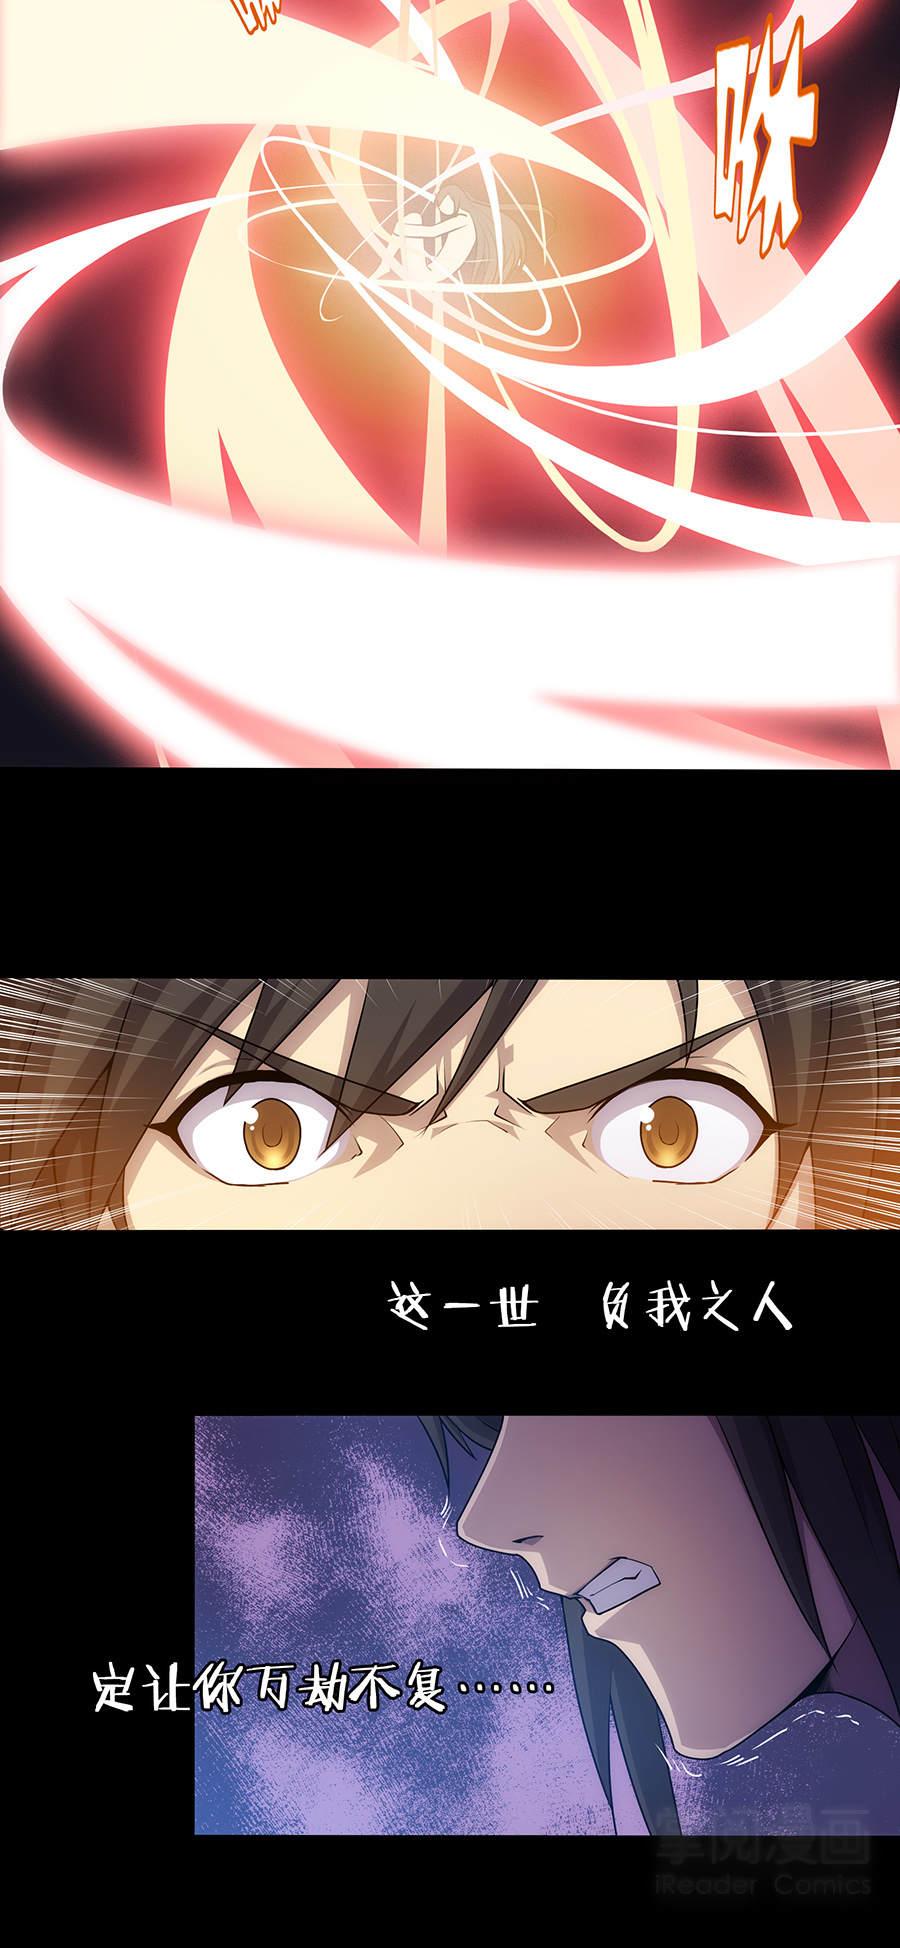 绝世剑神第1话  剑神重生 第 5